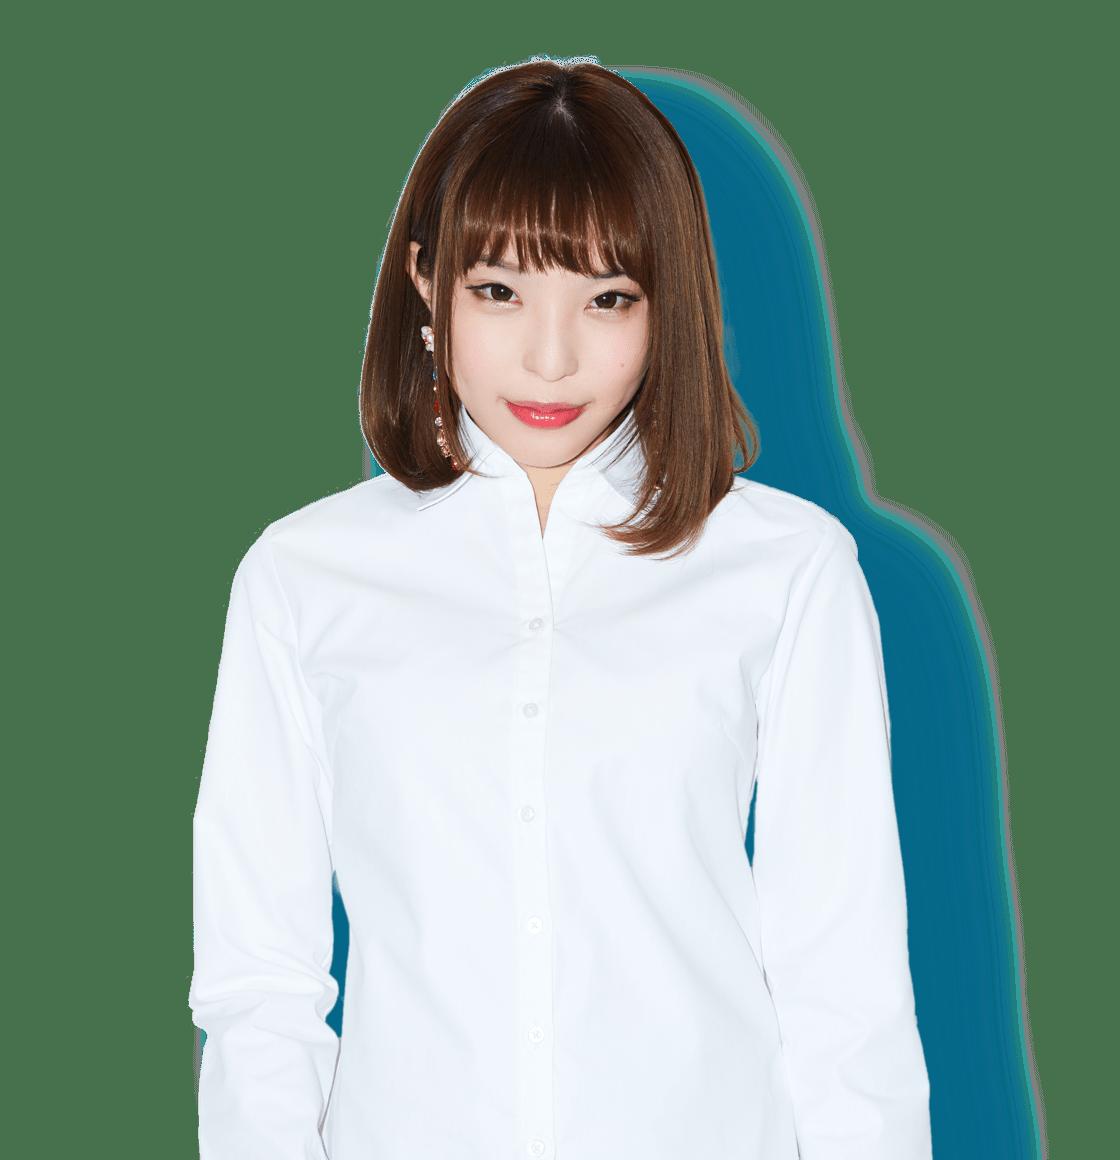 粕谷麻衣のシャツ画像